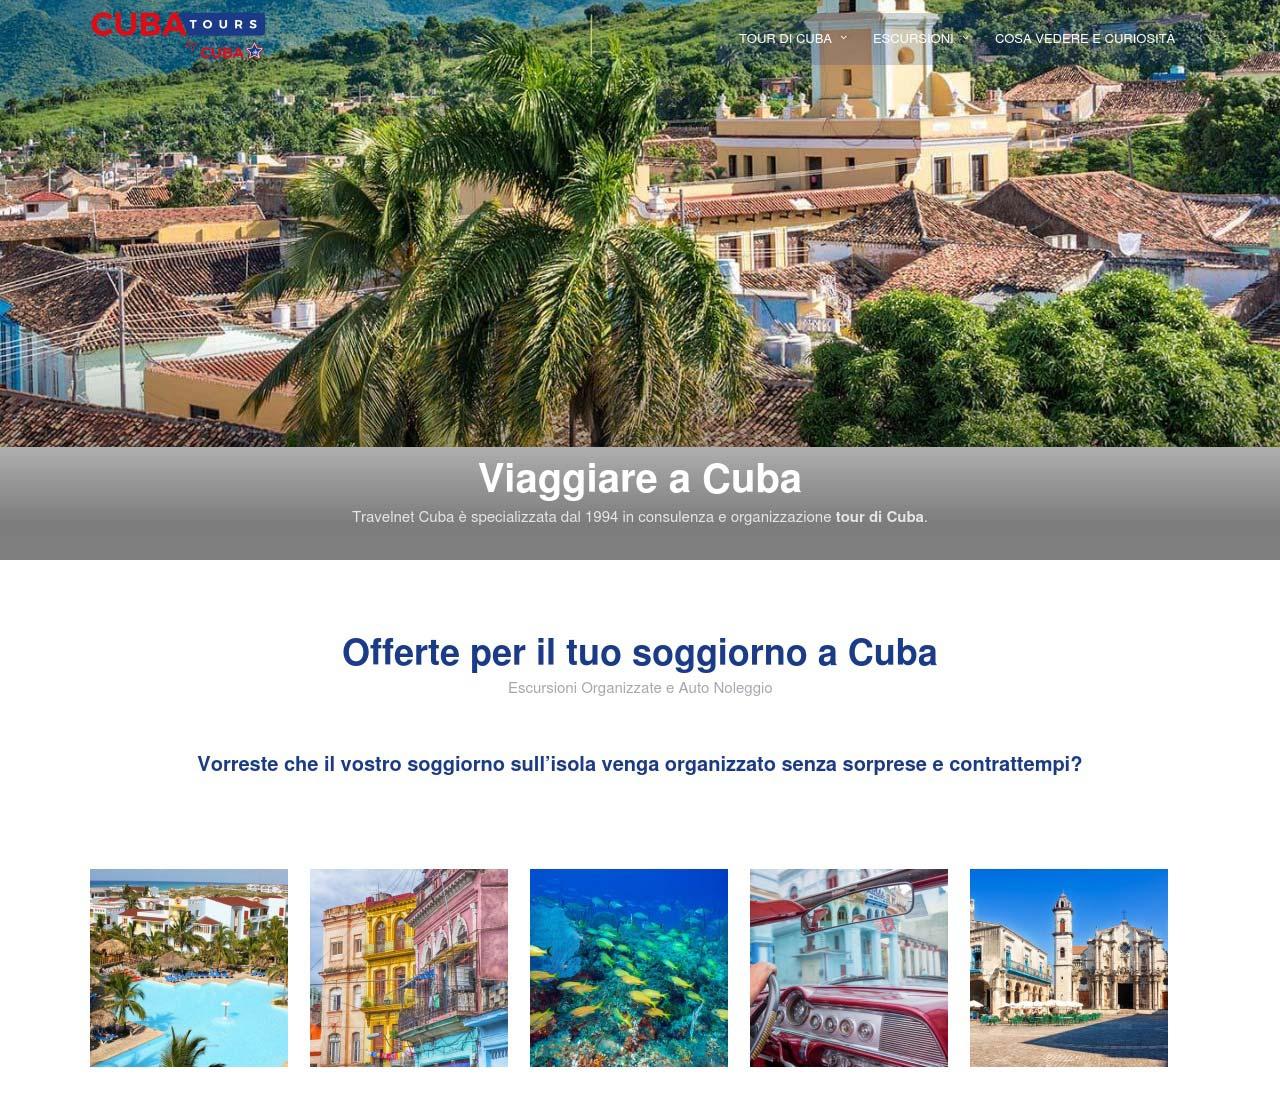 Viaggiare a Cuba - Escursioni Organizzate - Travelnet Cuba